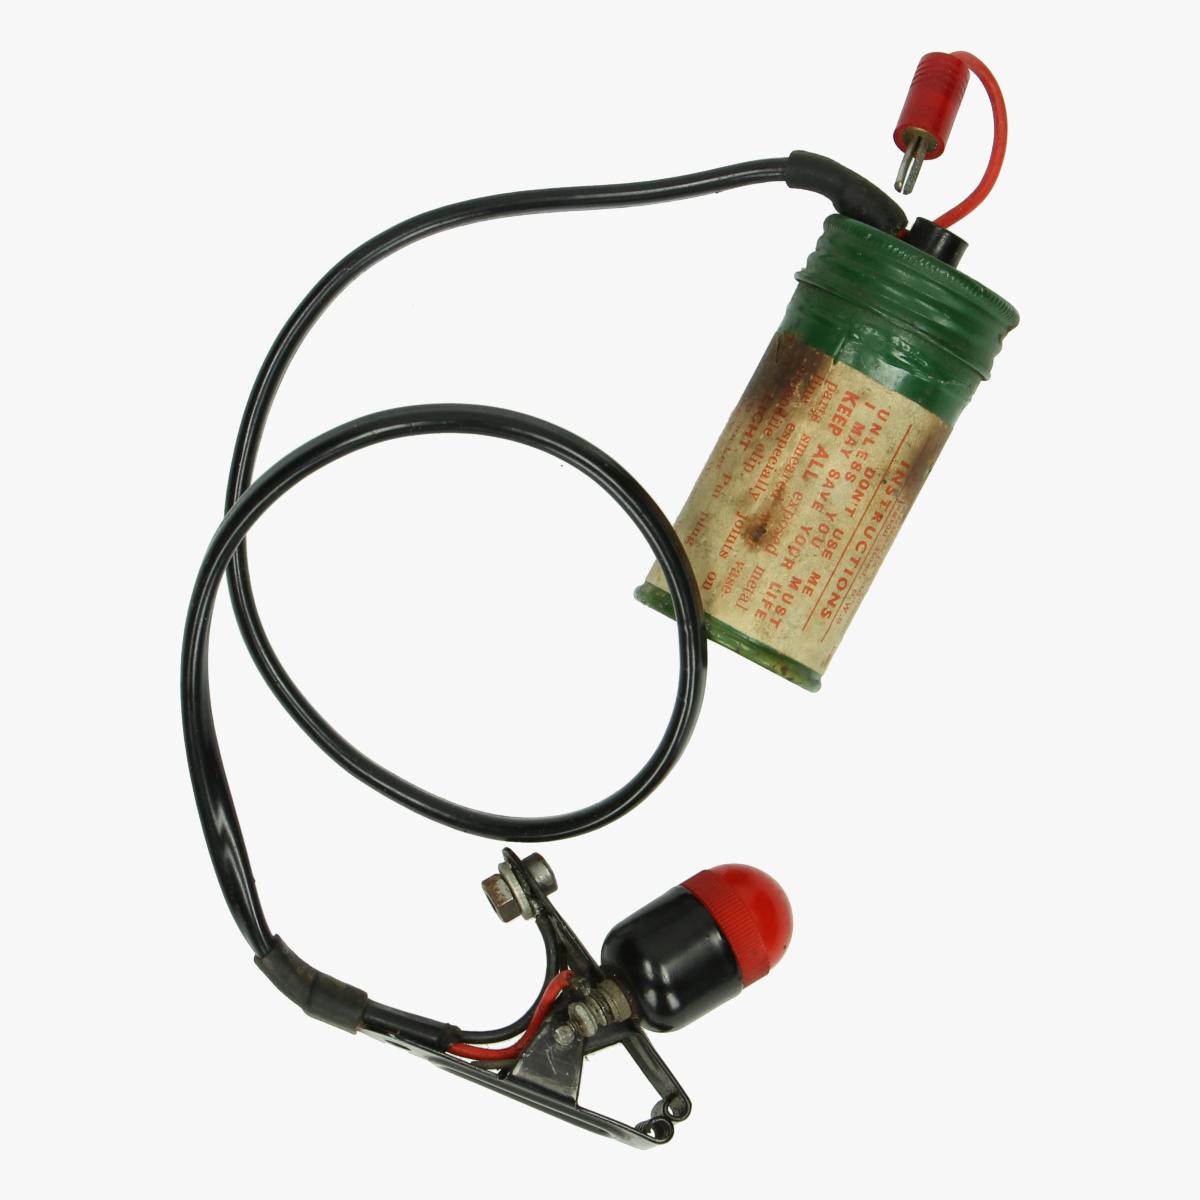 Afbeeldingen van Fasco life jacket light